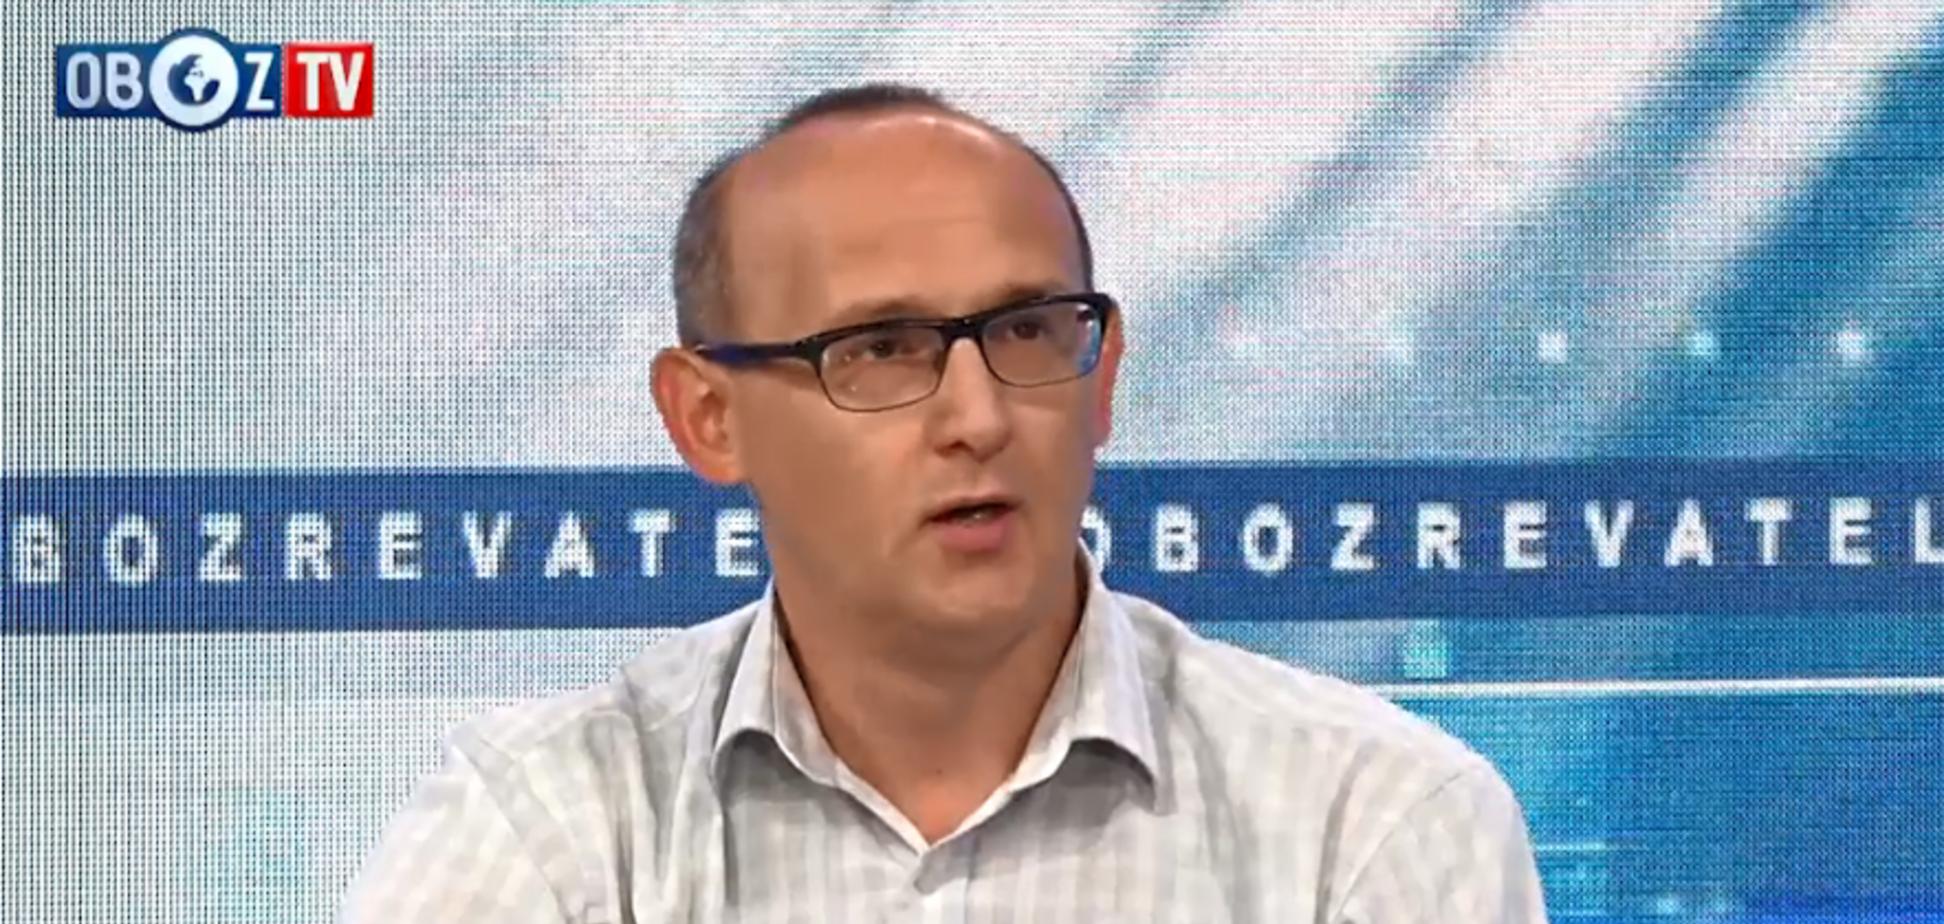 Сначала 'перемога', потом проблемы: озвучен прогноз на газовые переговоры Украины и России